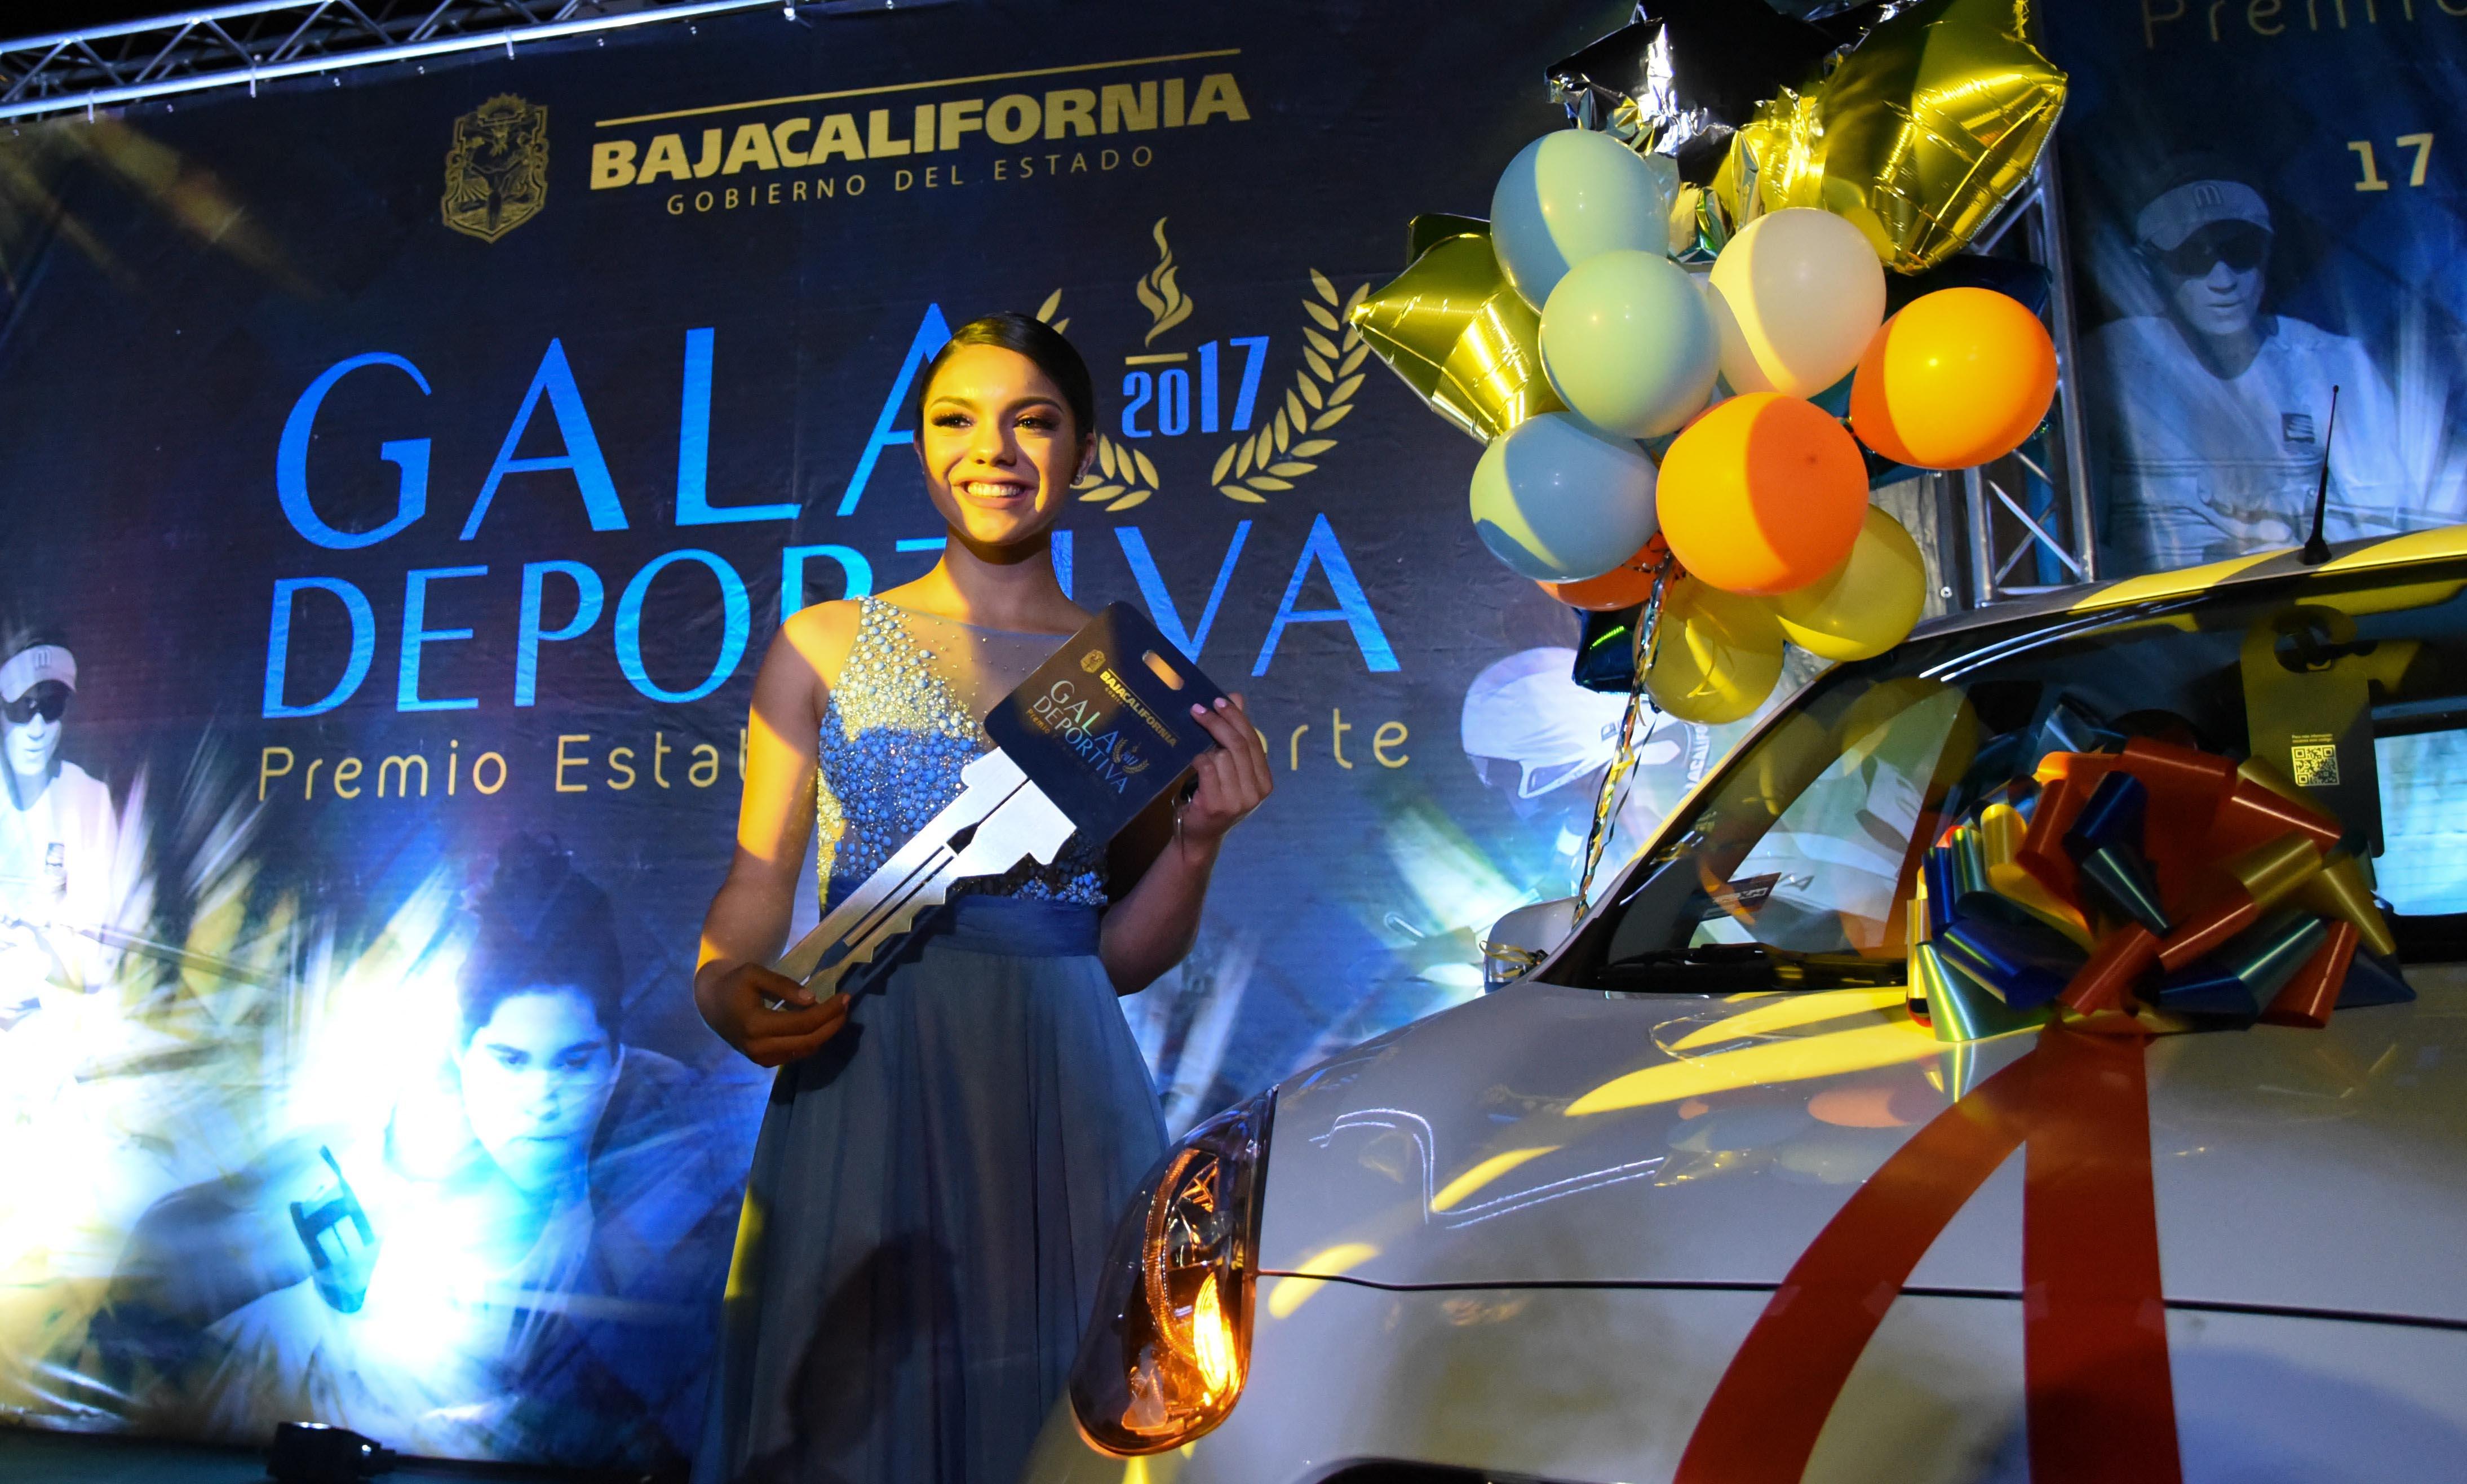 La esgrimista Natalia Botello fue declarada ganadora del Premio Estatal del Deporte